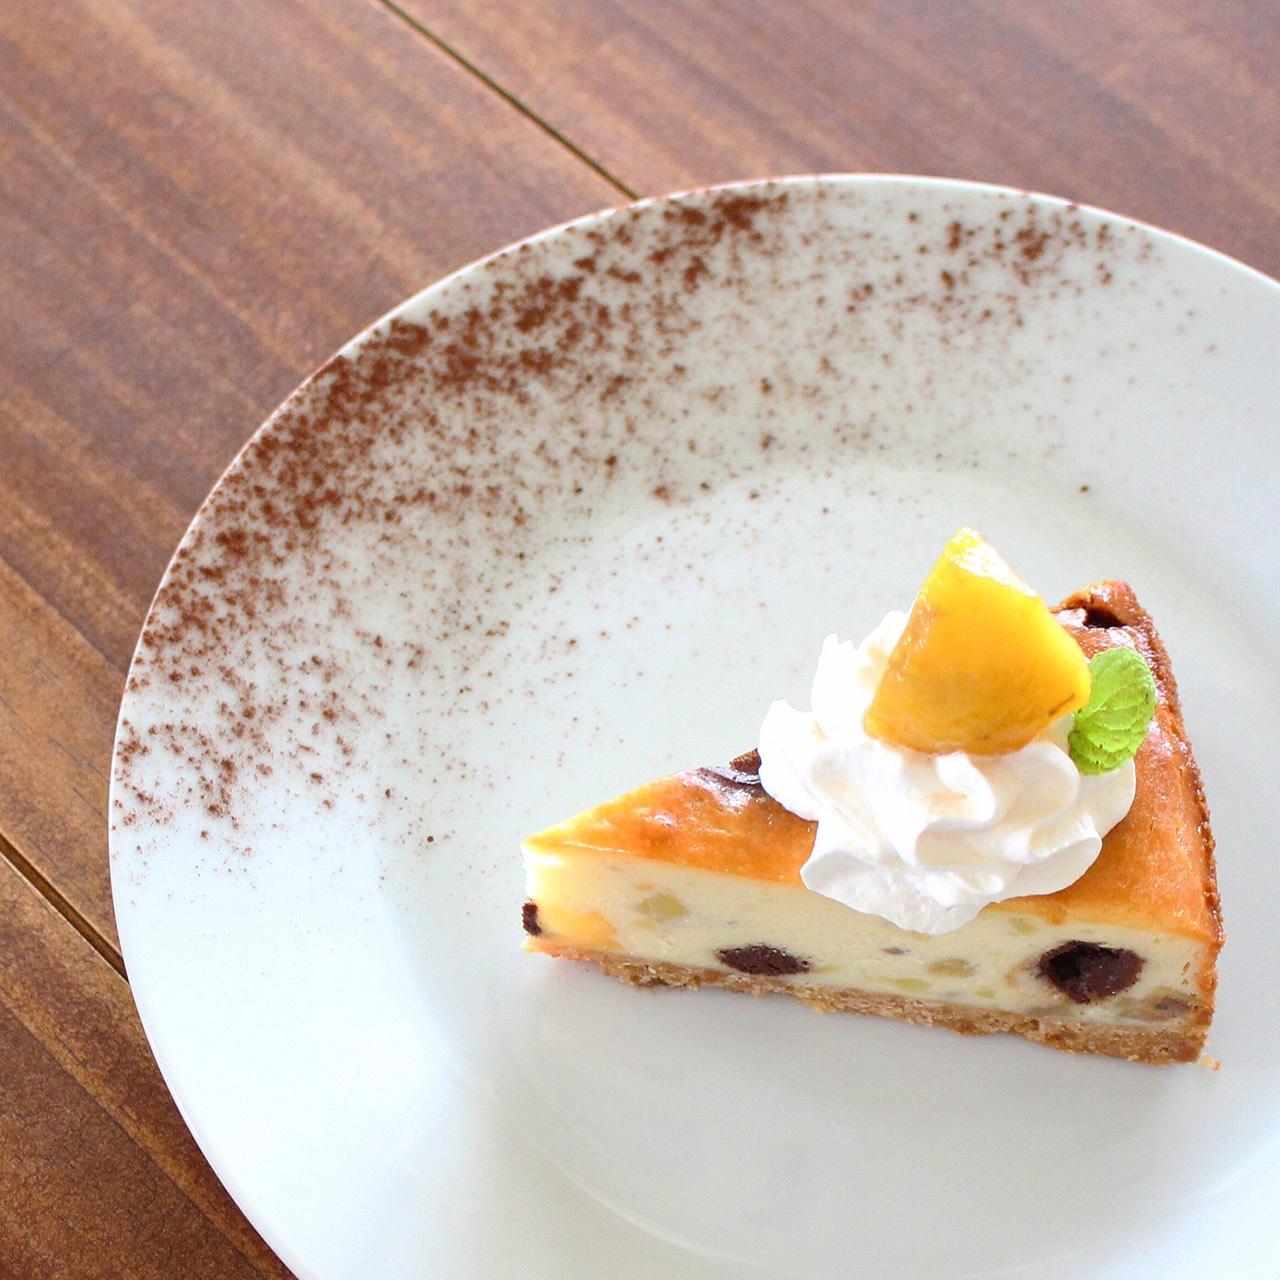 栗とガナッシュのベイクドチーズケーキ